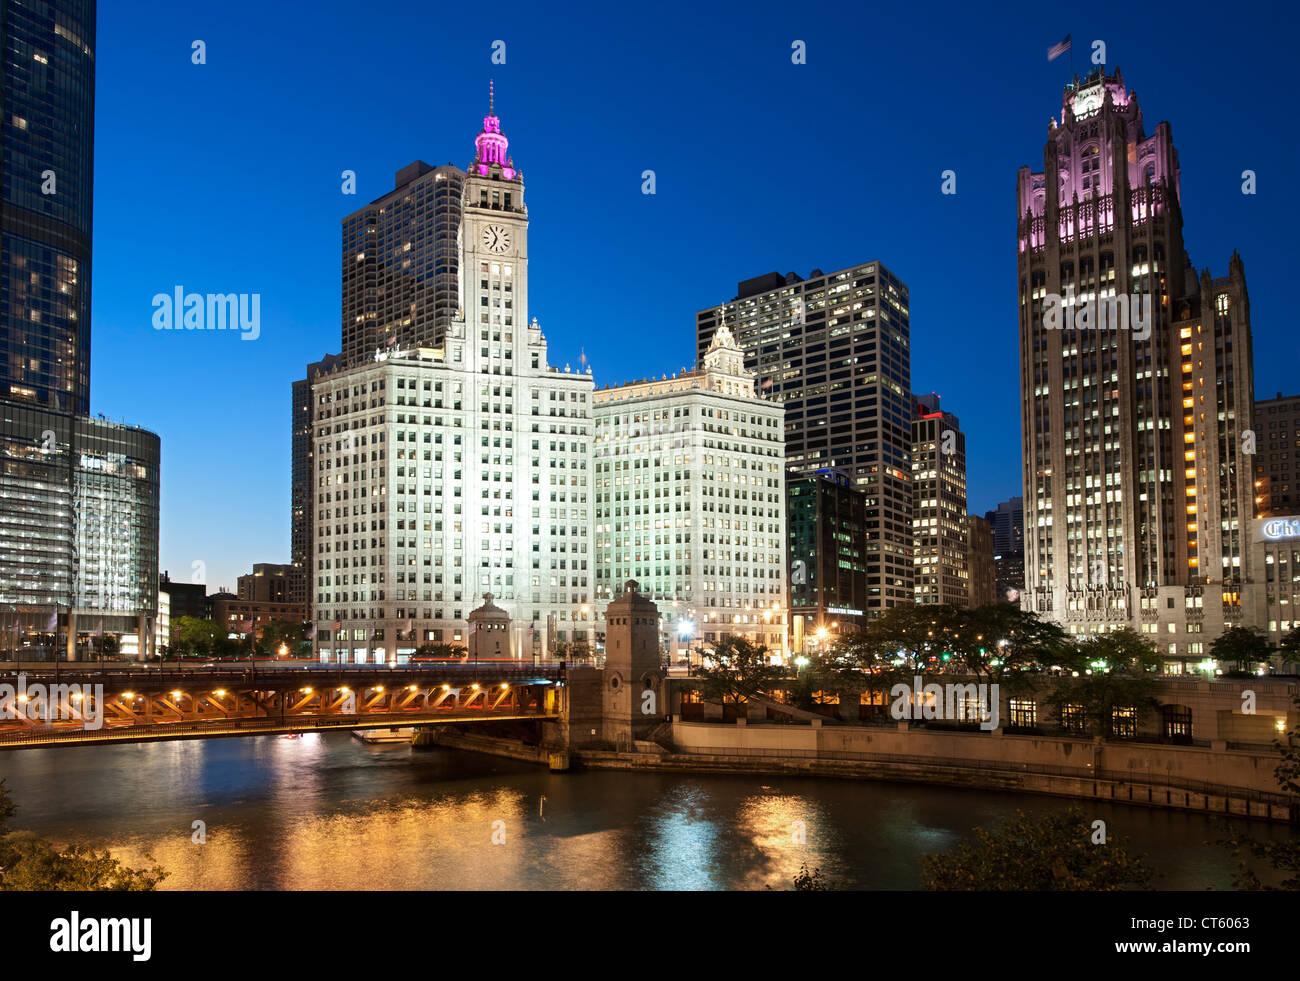 Visión nocturna de la Michigan Avenue Bridge (Puente) y DuSable oficialmente del Wrigley Building y el Tribune Imagen De Stock